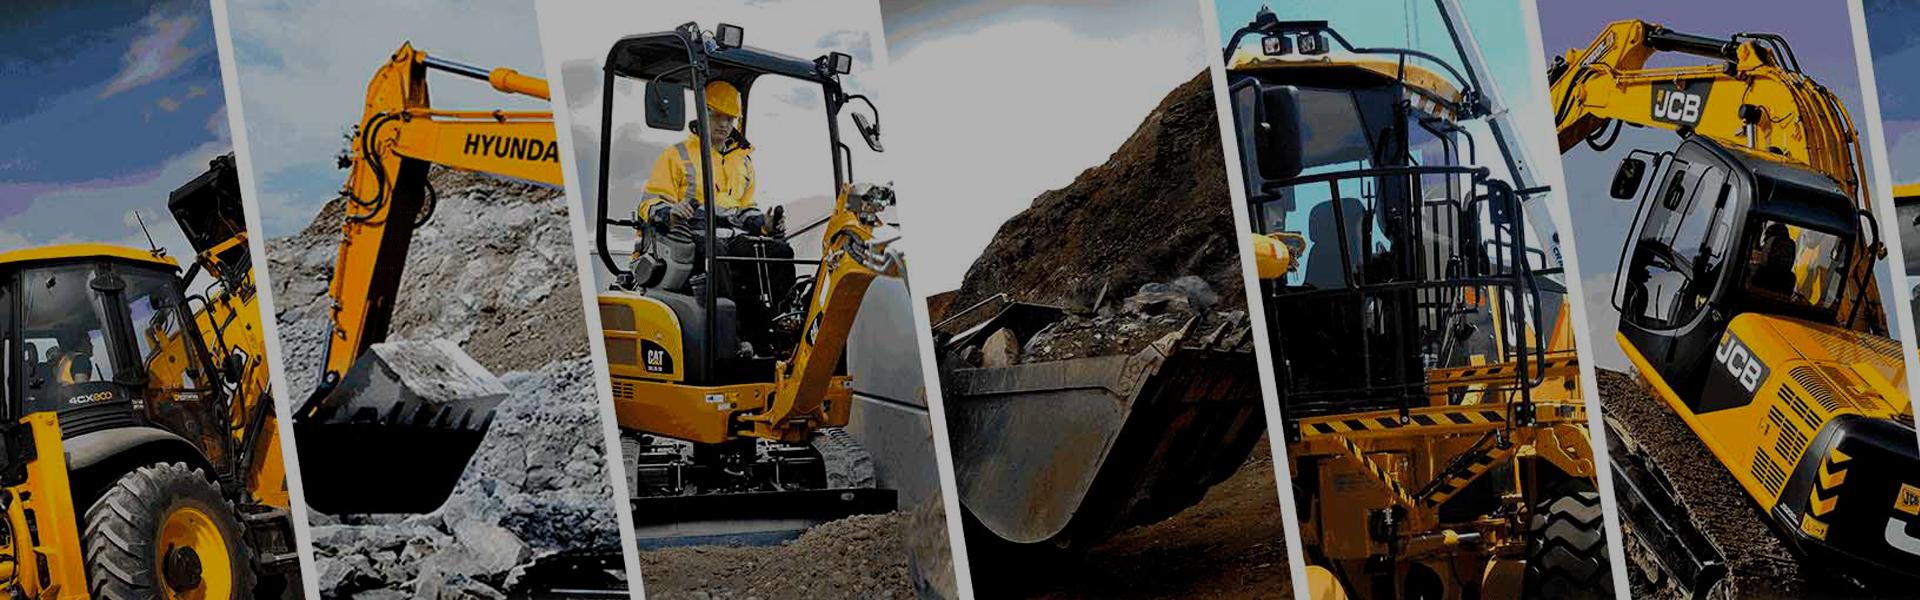 Запасные части для дорожно-строительной и сельхозтехники